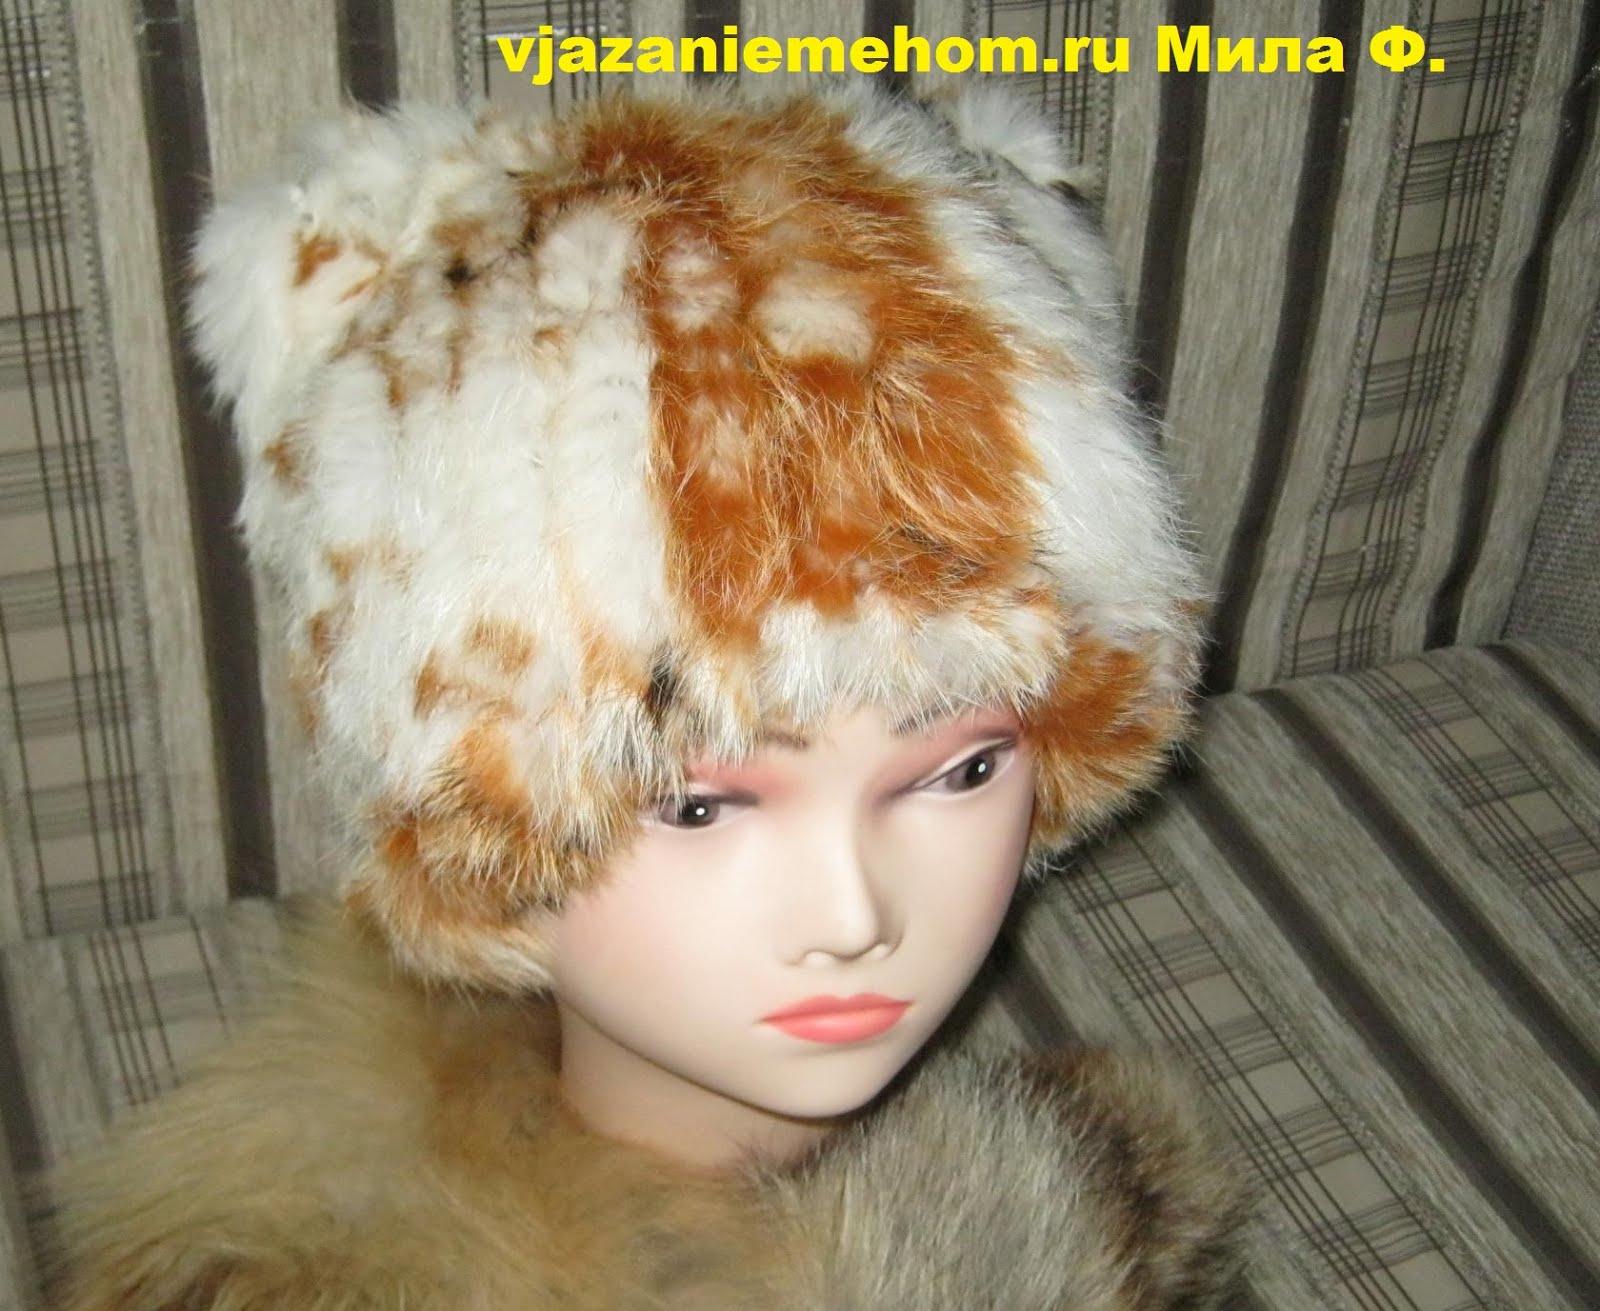 Детская вязанная шапка из меха кролика.